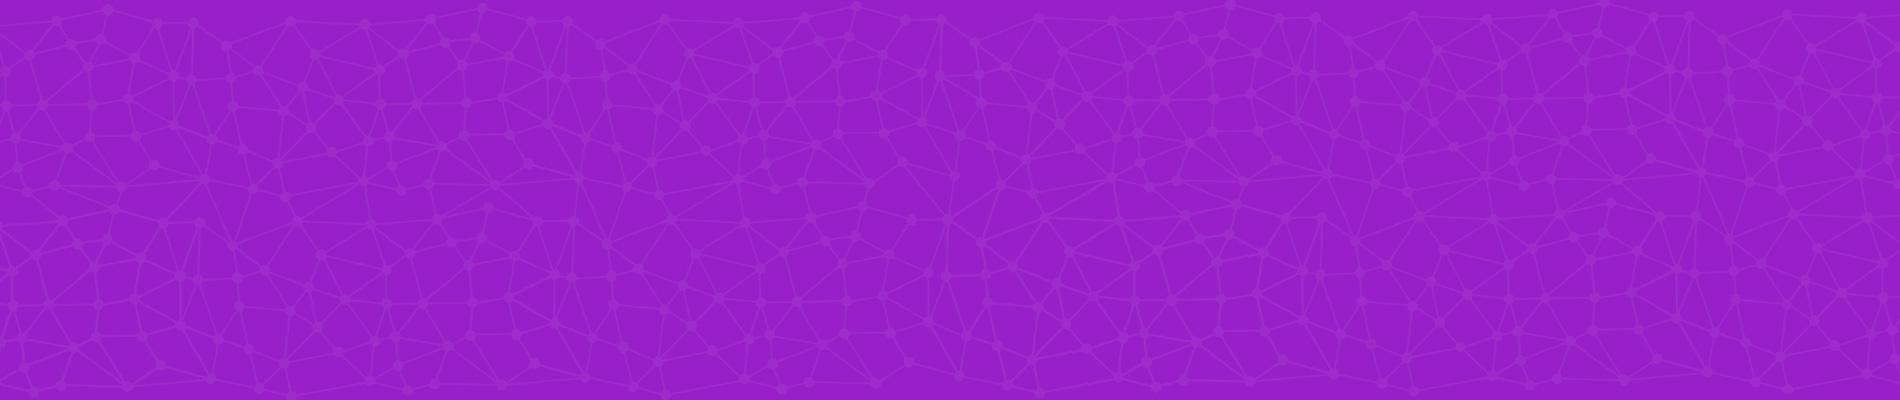 Comunicação Alegre - Background